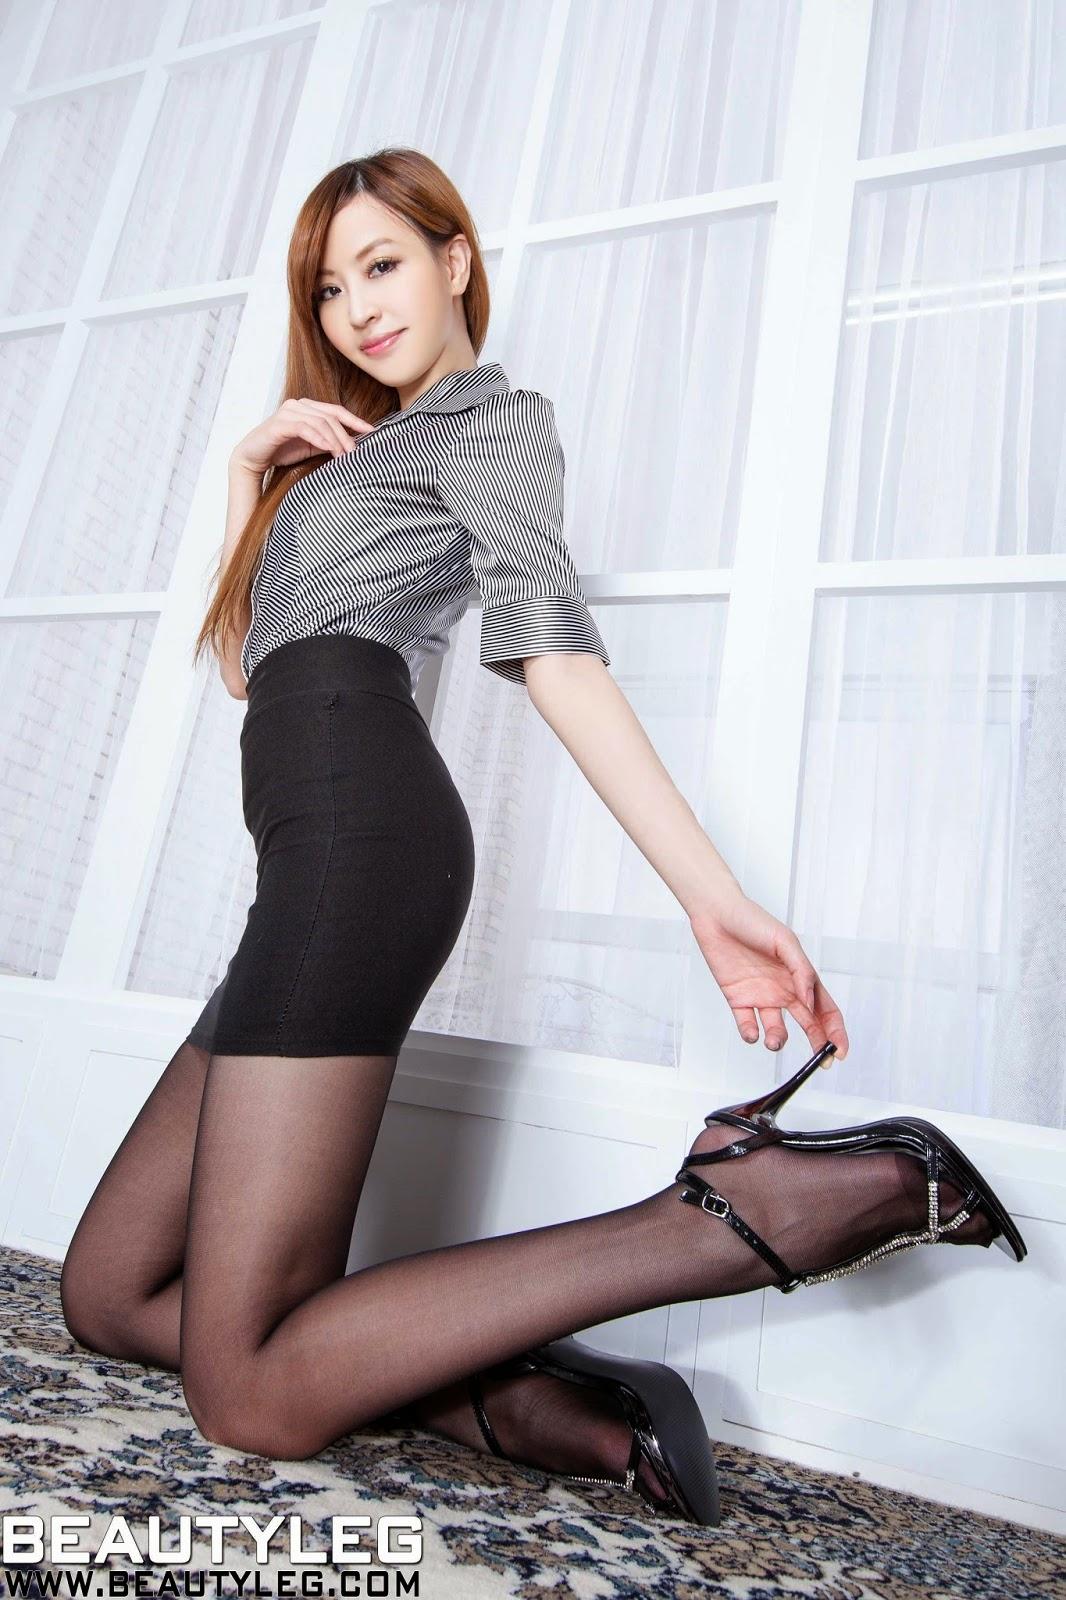 lucy beautyleg model i